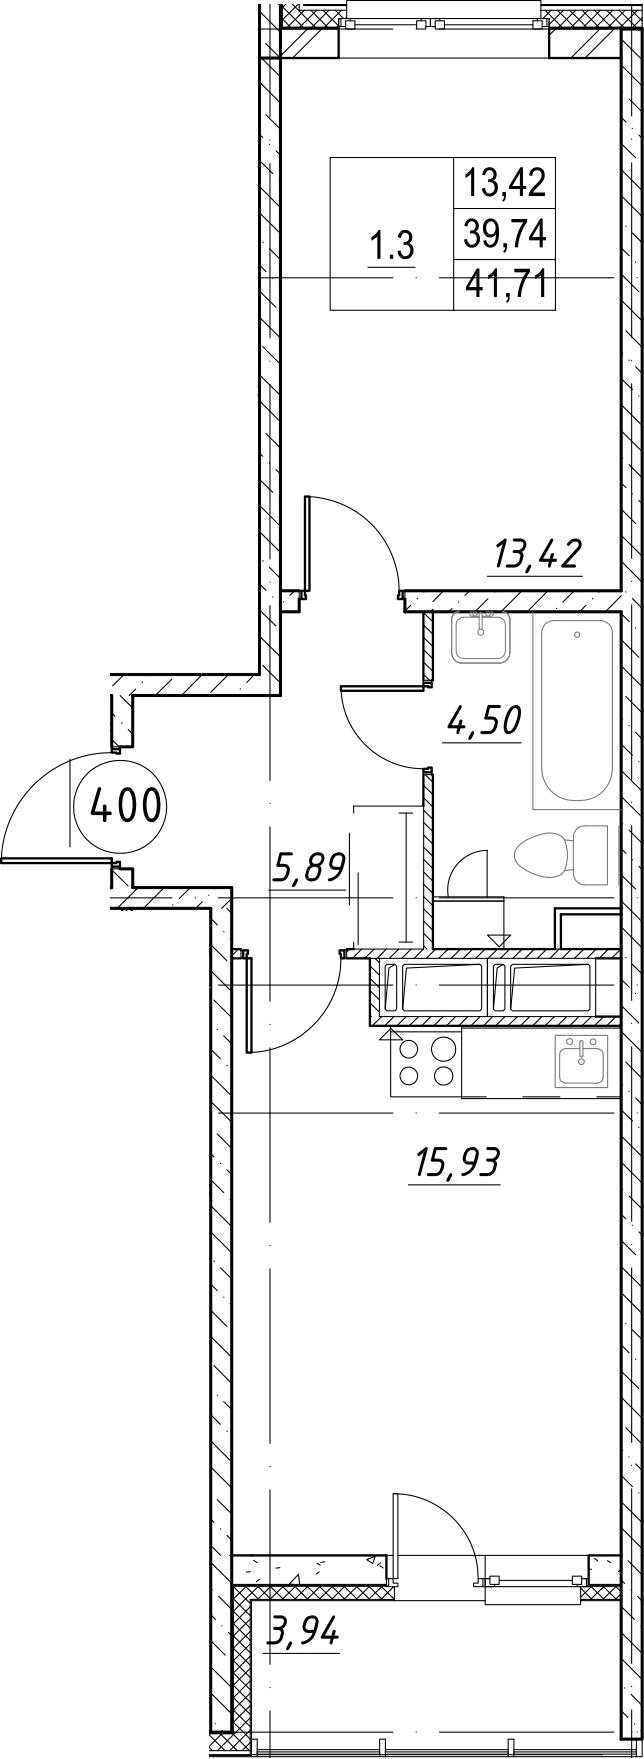 1-комнатная, 41.71 м²– 2